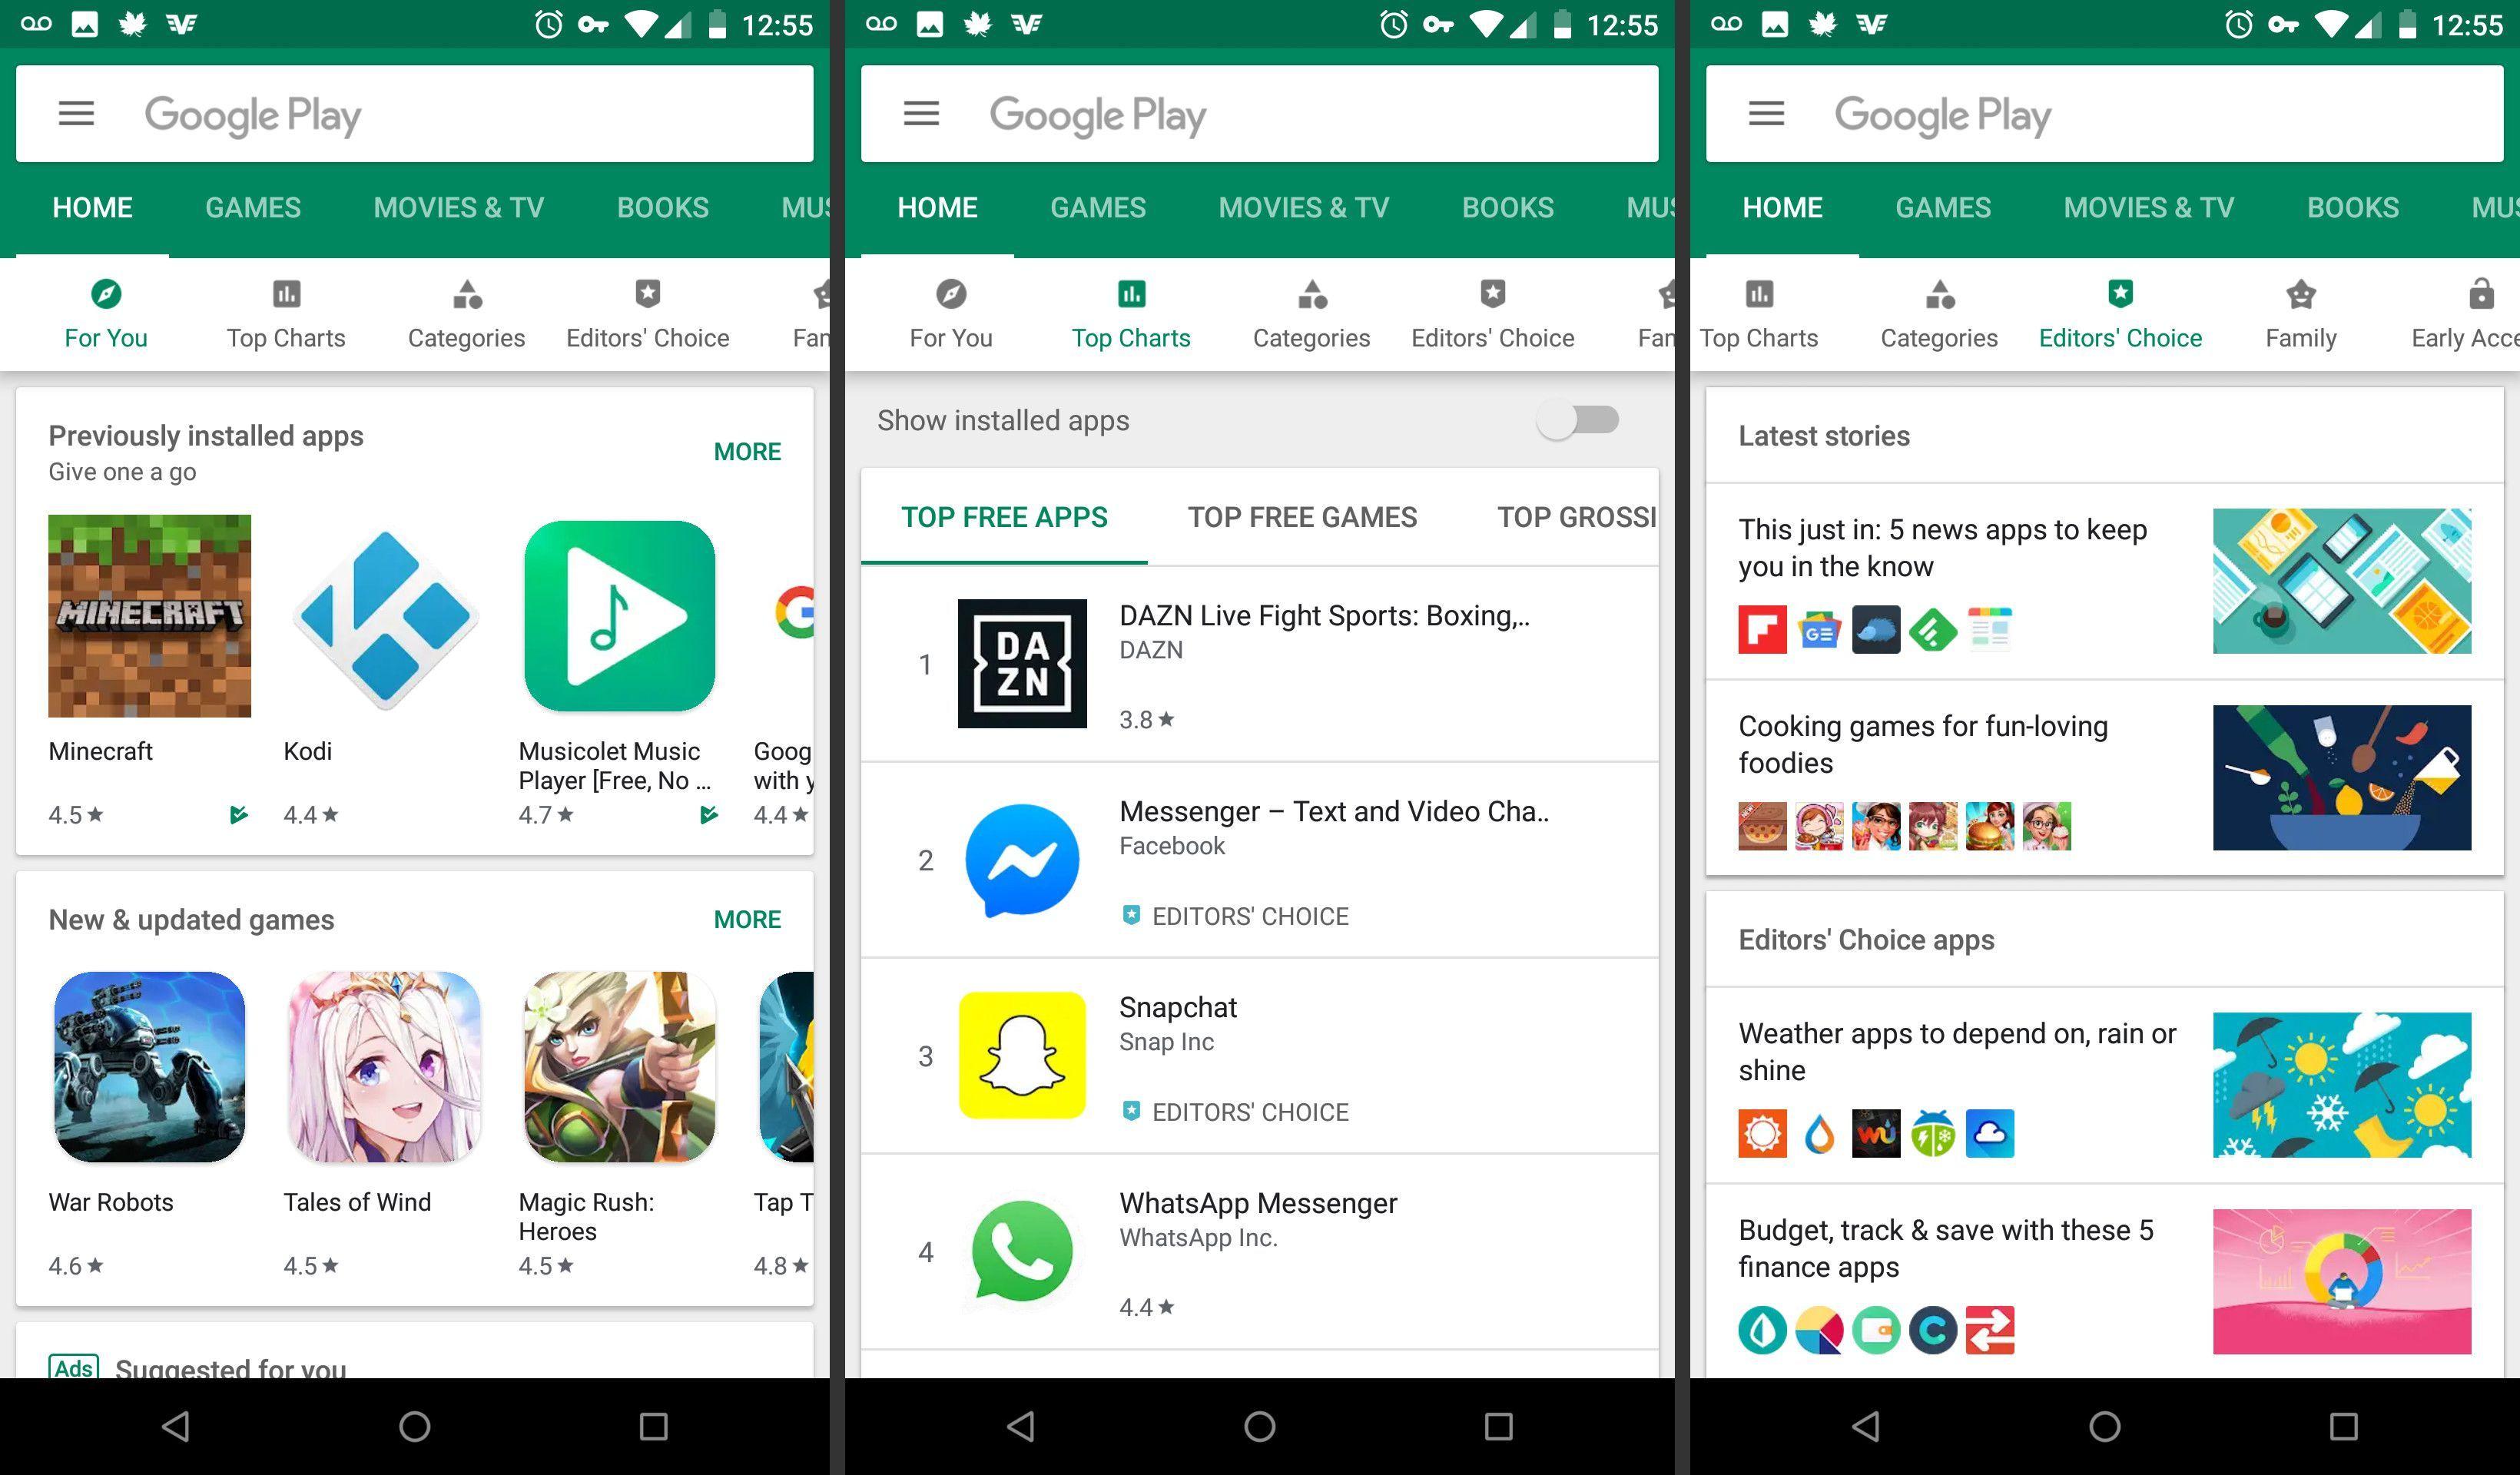 Советы и рекомендации по поиску приложений в Google Play